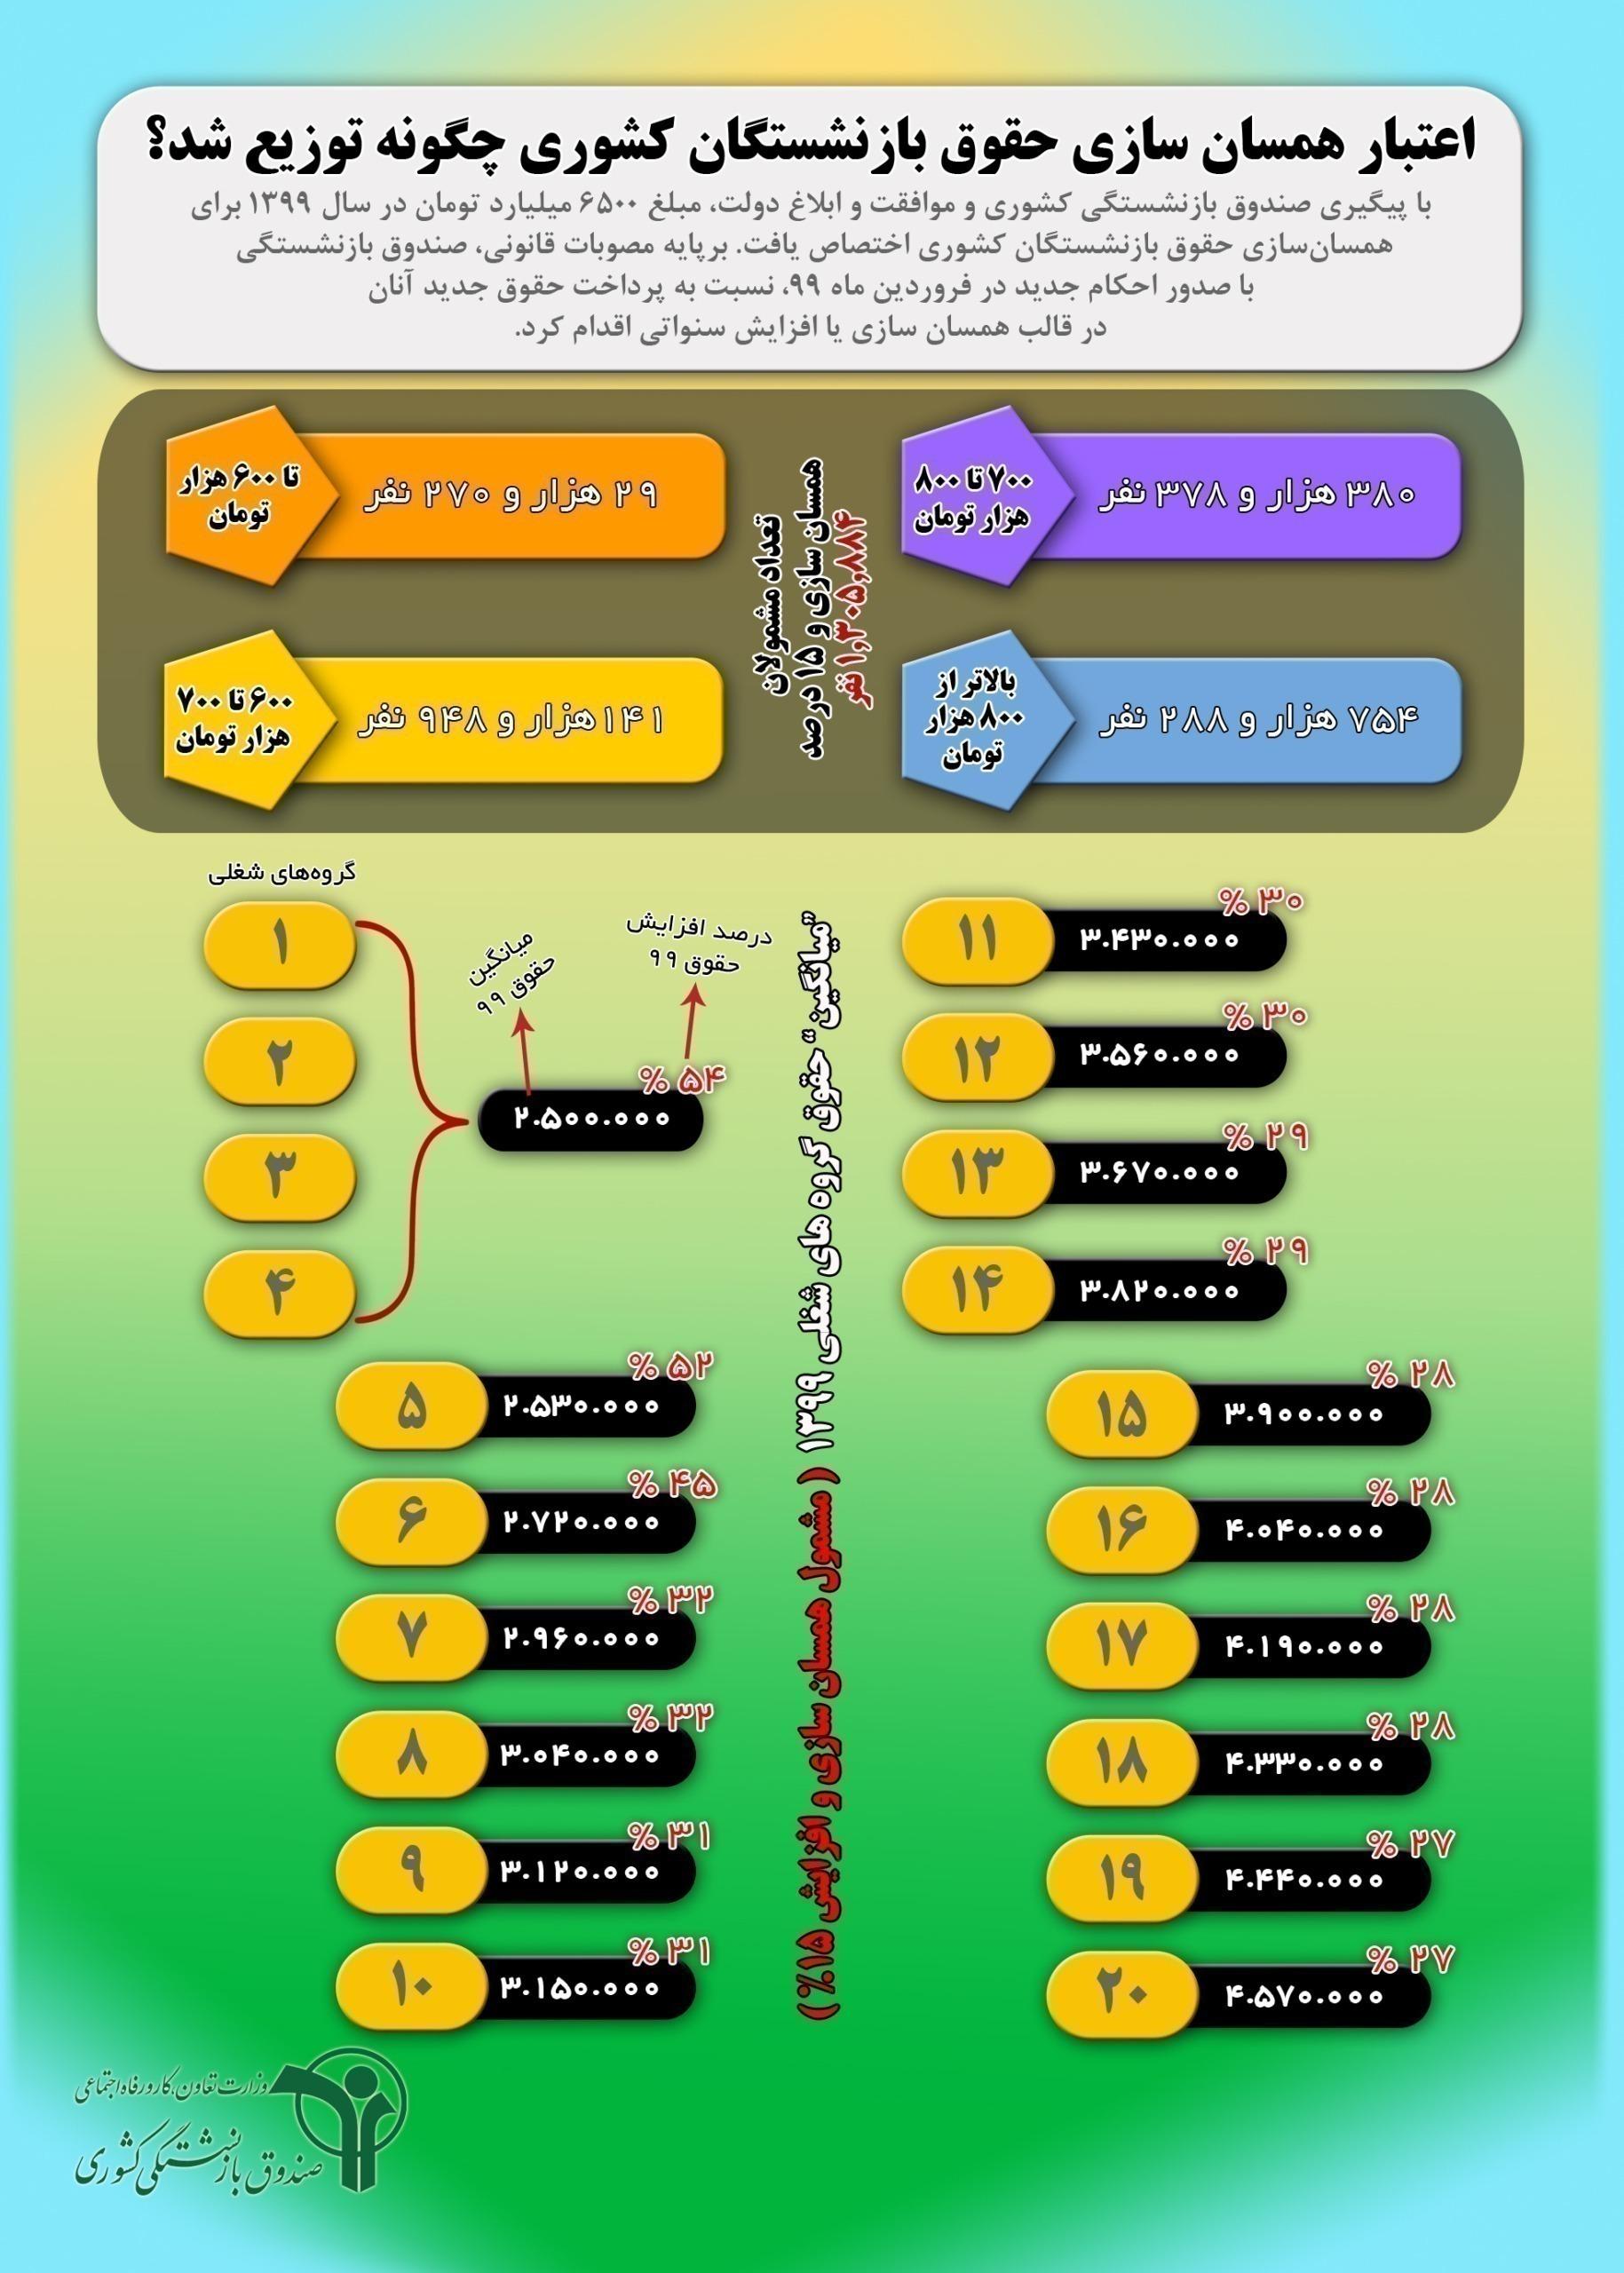 توزیع اعتبار همسان سازی حقوق بازنشستگان کشوری در فروردین ۹۹